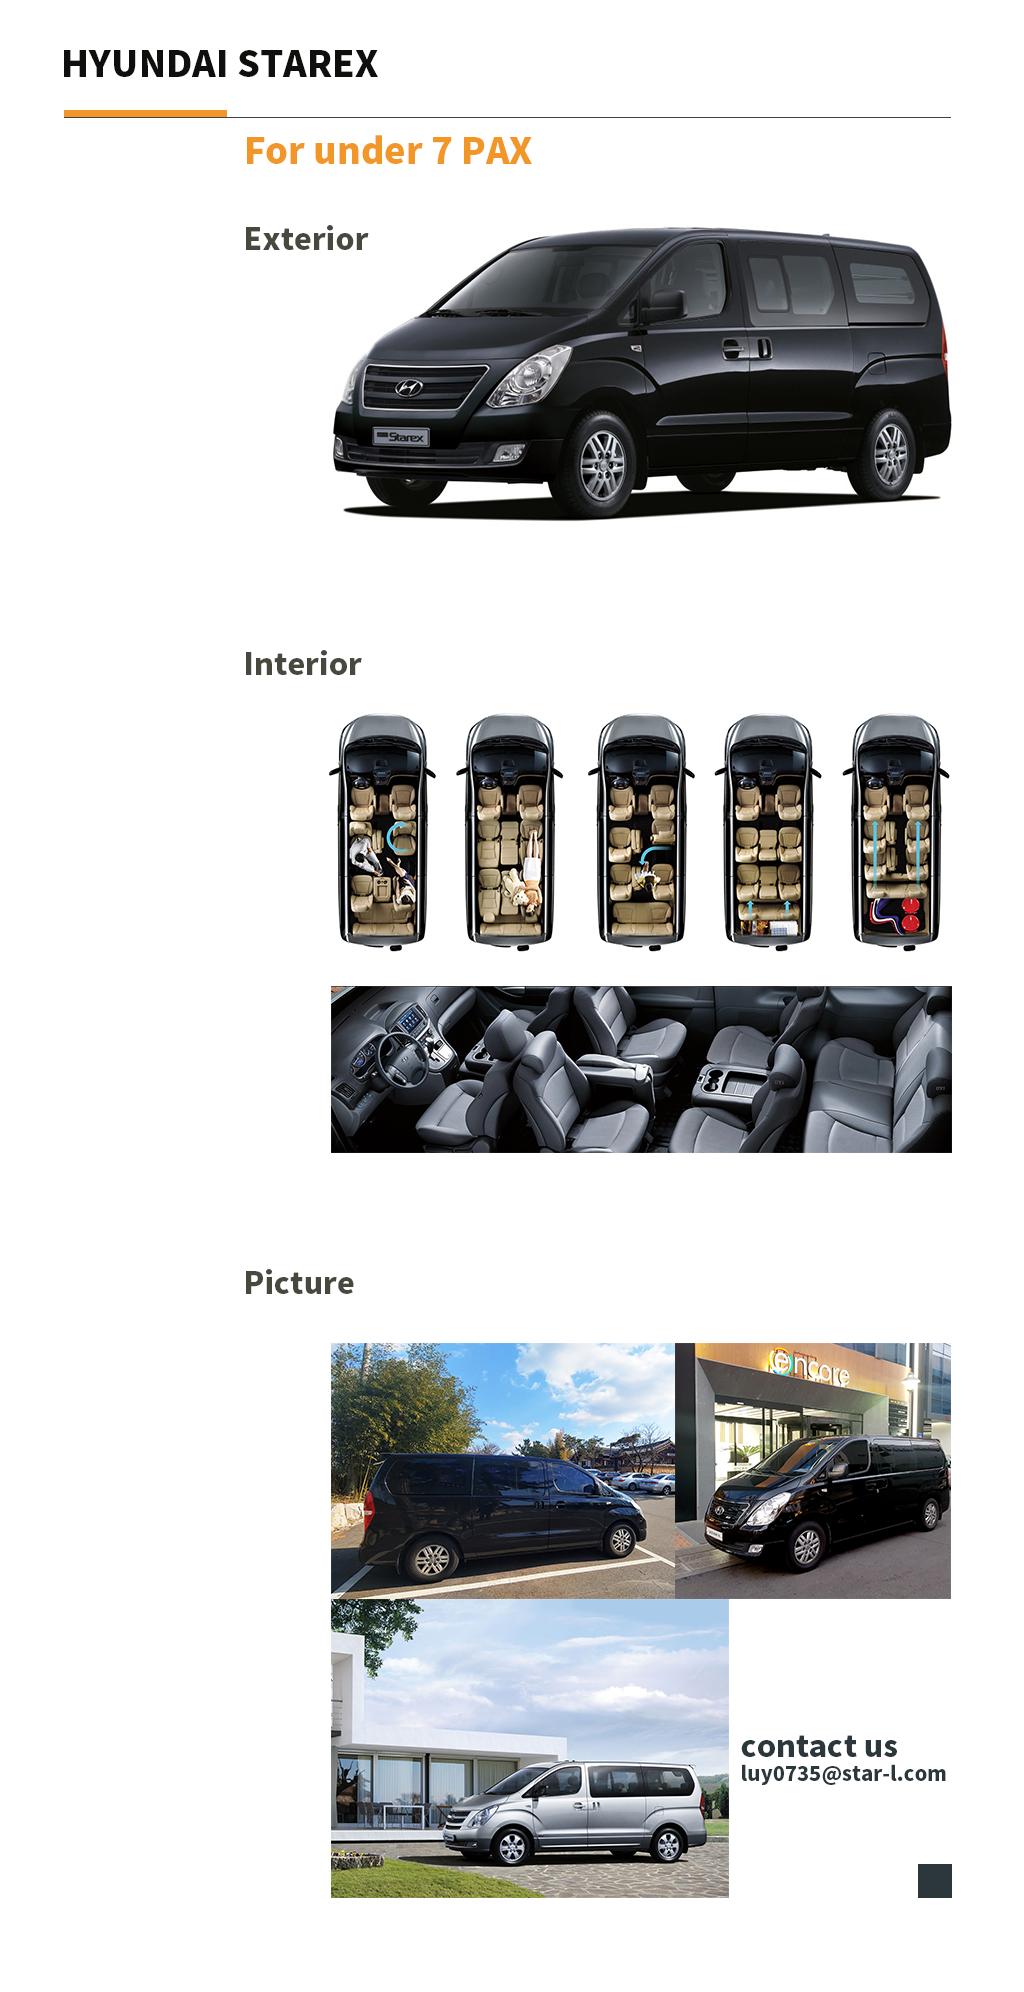 Hyundai Starex for under 7 pax